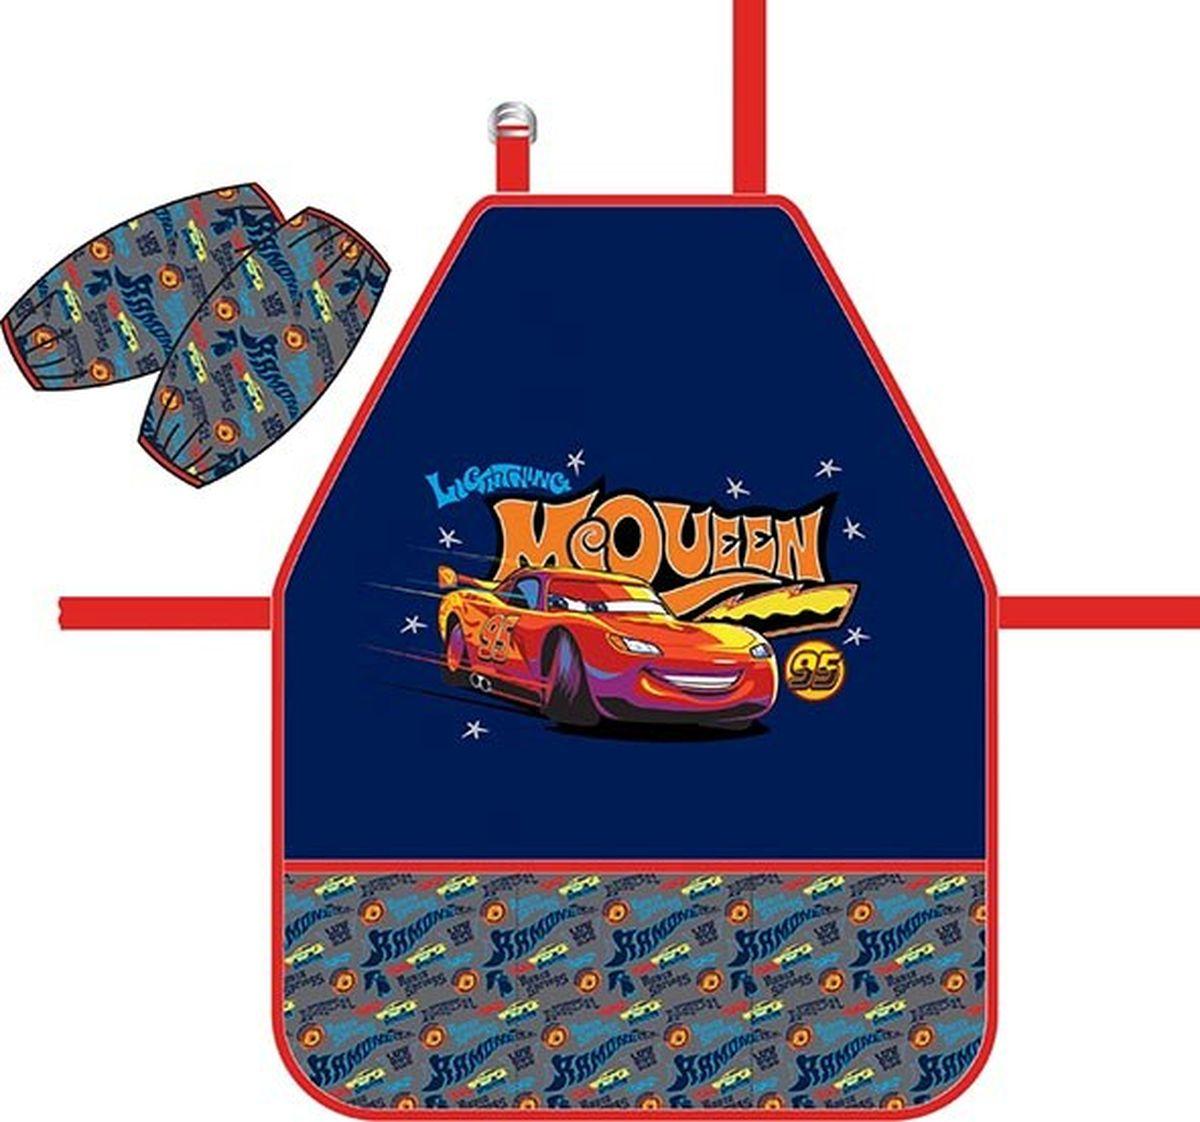 Фартук для детского творчества с нарукавниками. Нарукавники на липучках-фиксаторах. Легкая ткань с водоотталкивающей пропиткой. Фартук дополнен тремя кармашками.